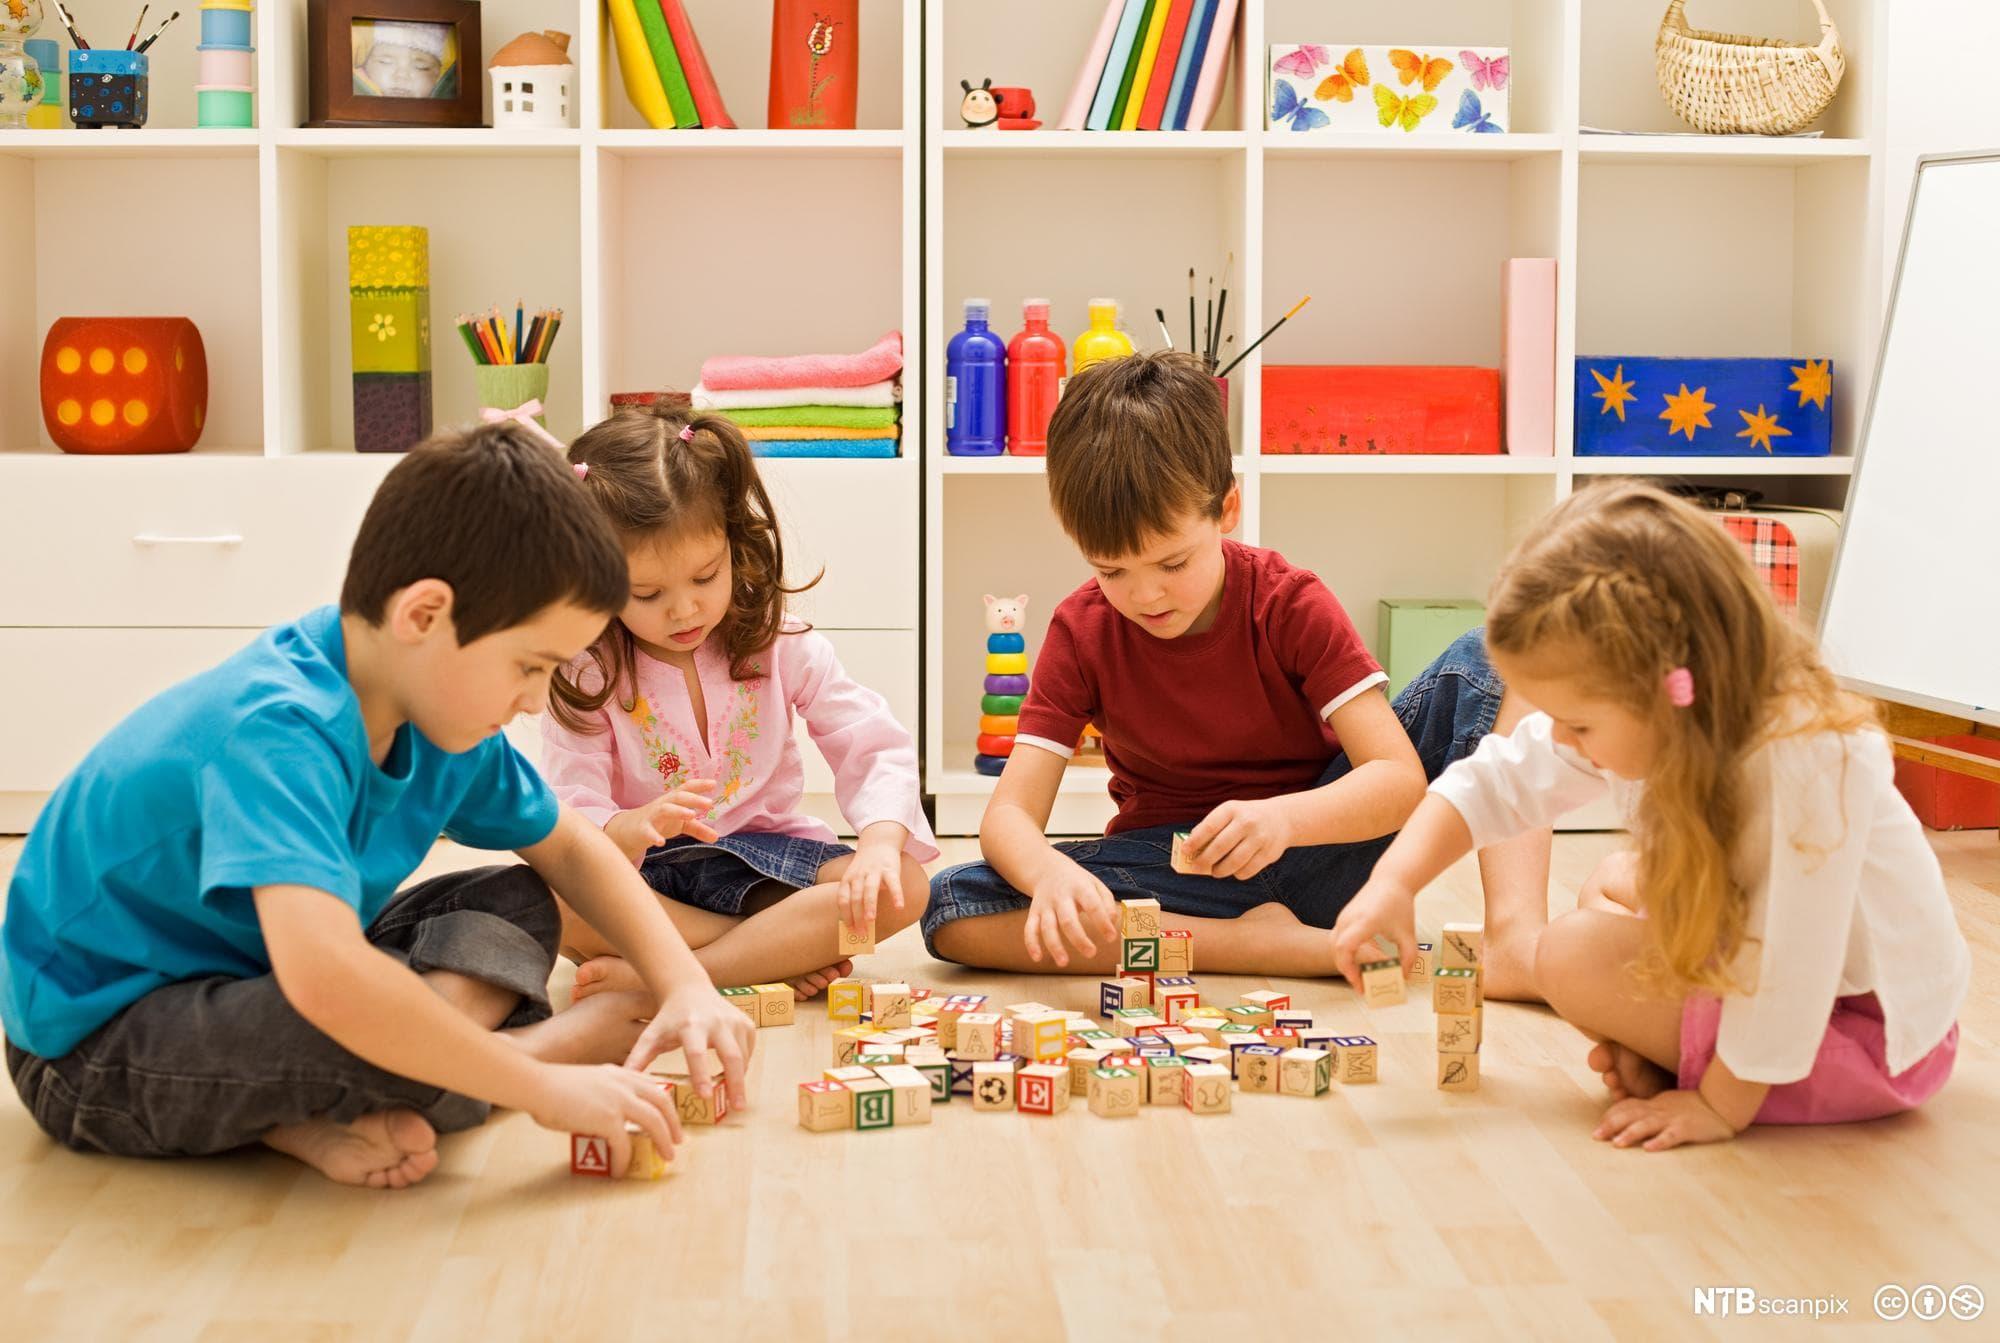 Chứng nhận hợp quy đồ chơi trẻ em